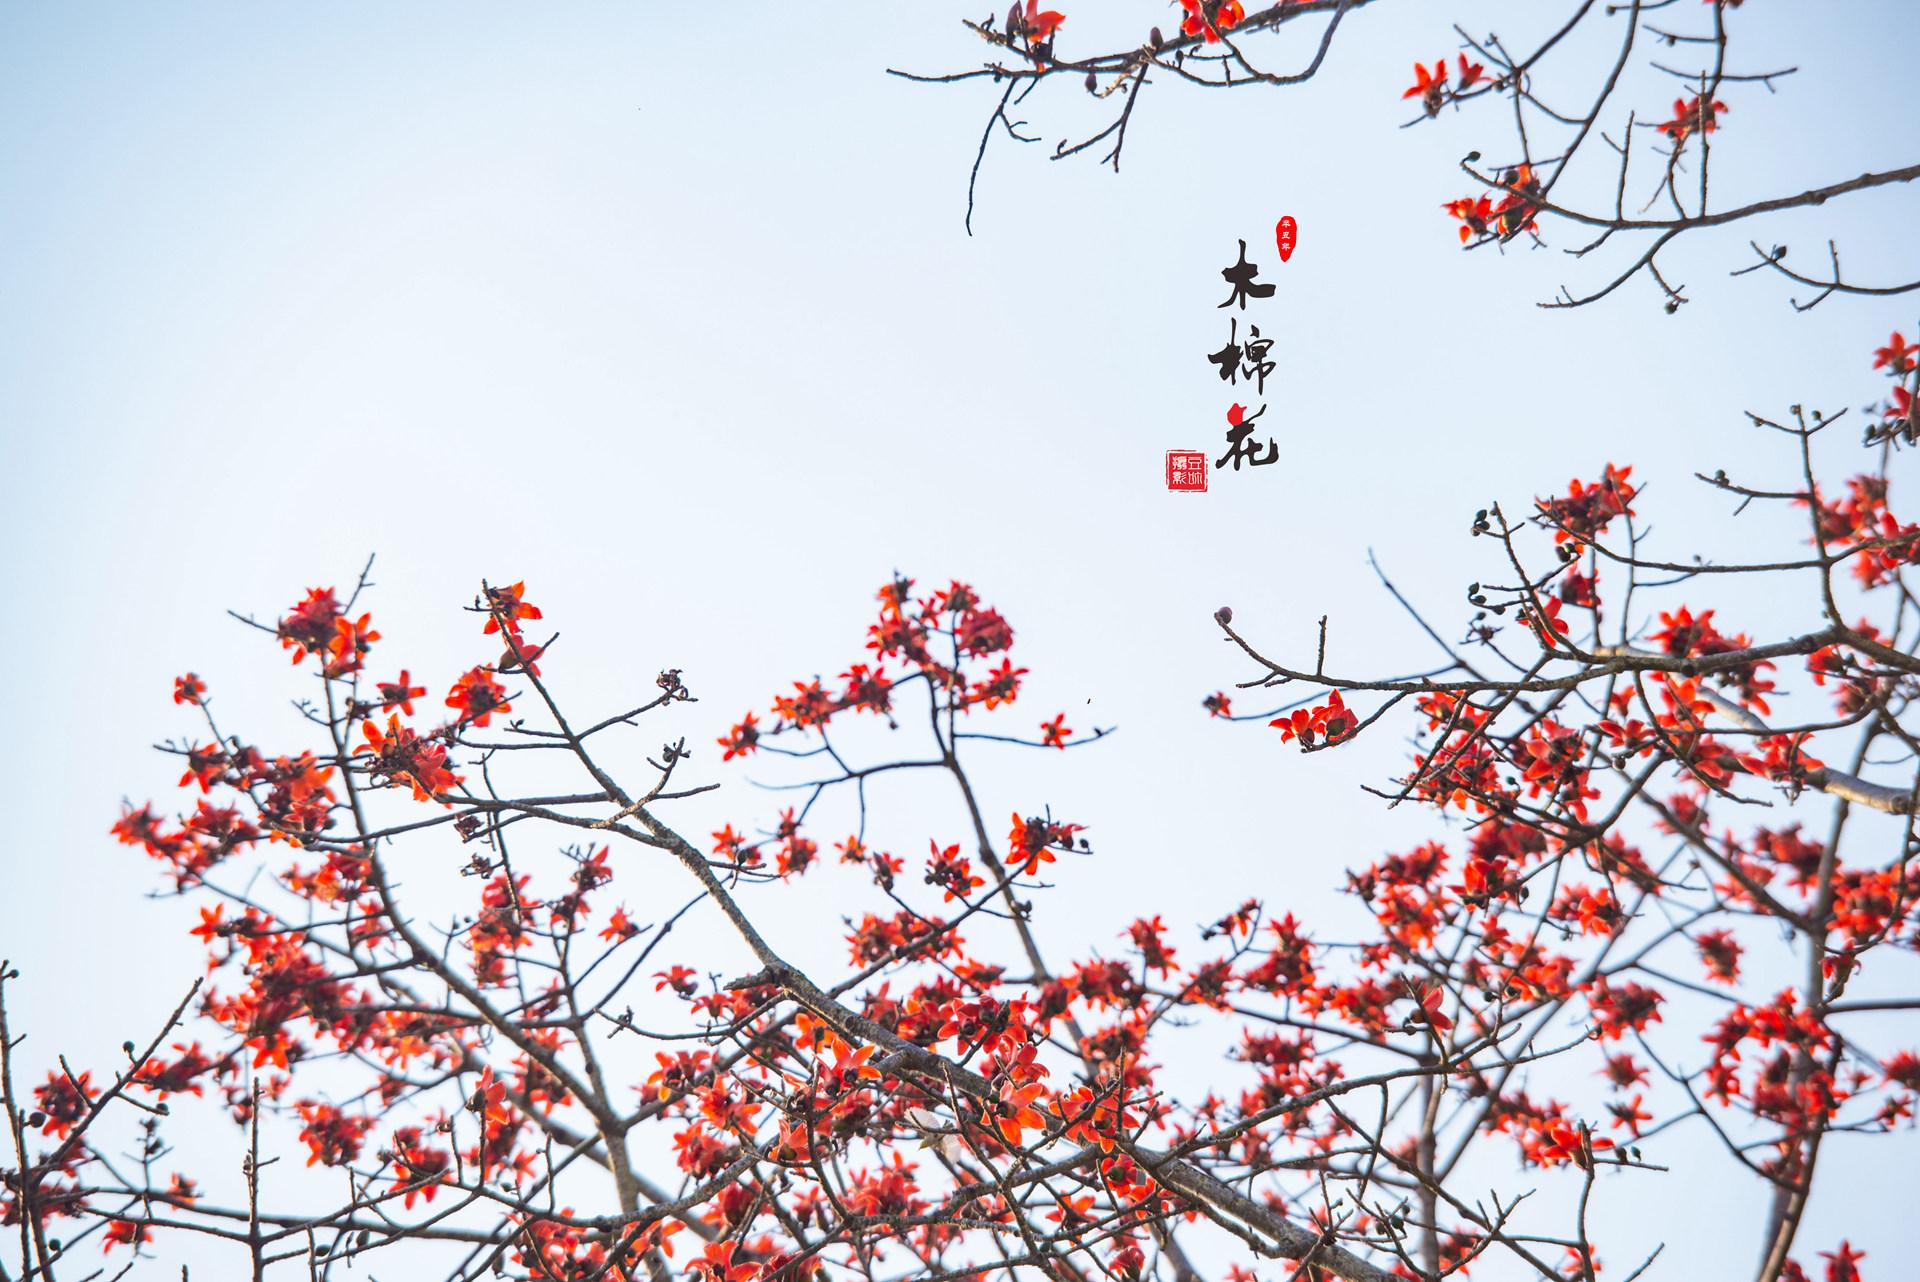 木棉花与鸟的故事35.jpg